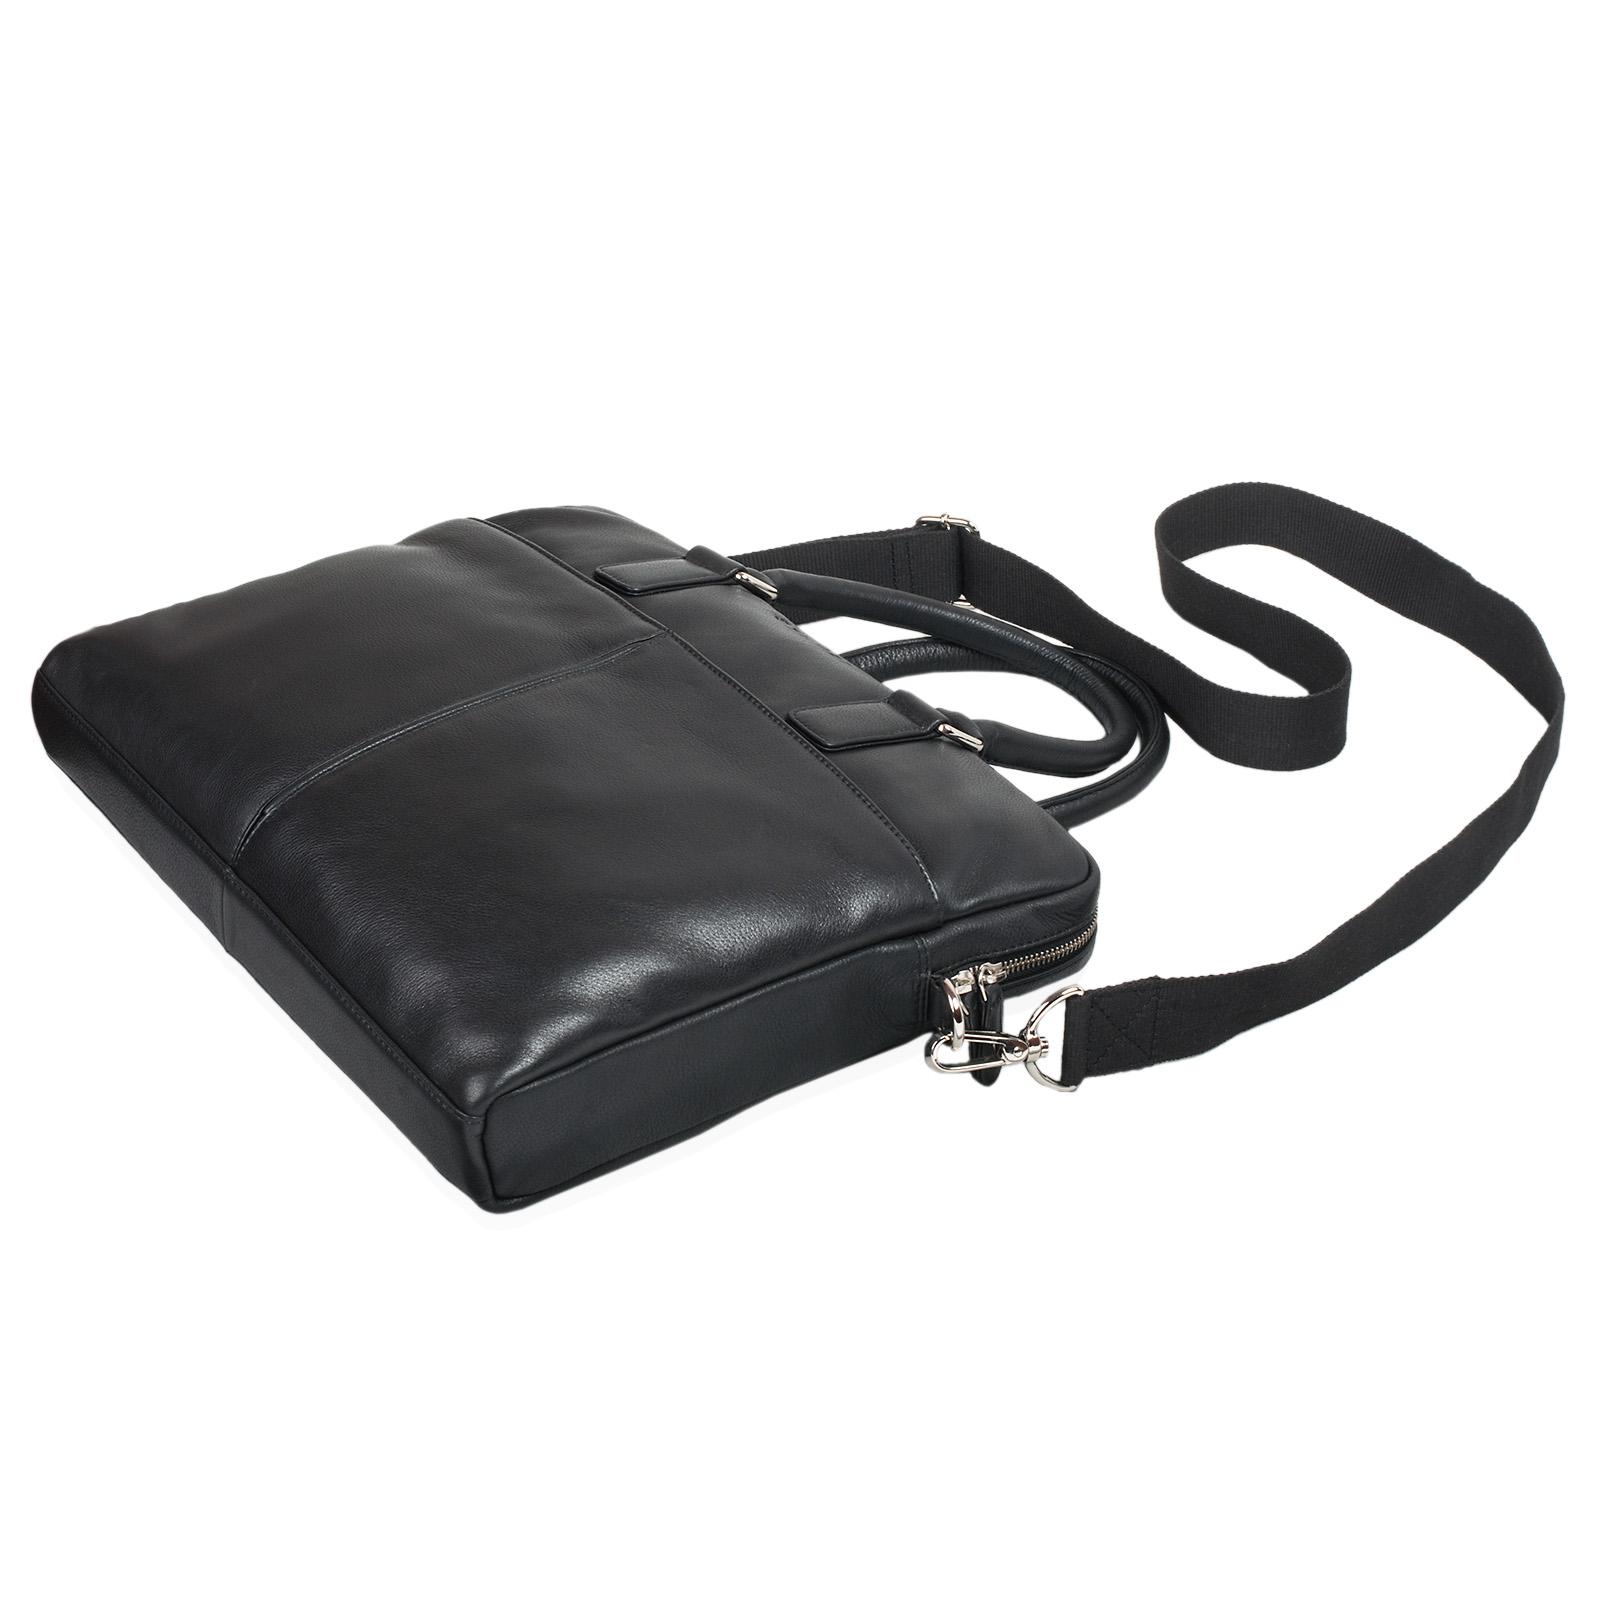 """STILORD """"Emilio"""" Umhängetasche Leder Vintage groß Schultertasche elegante Handtasche für Büro Business Arbeit Laptop 13.3 Zoll Aktentasche DIN A4 - Bild 12"""